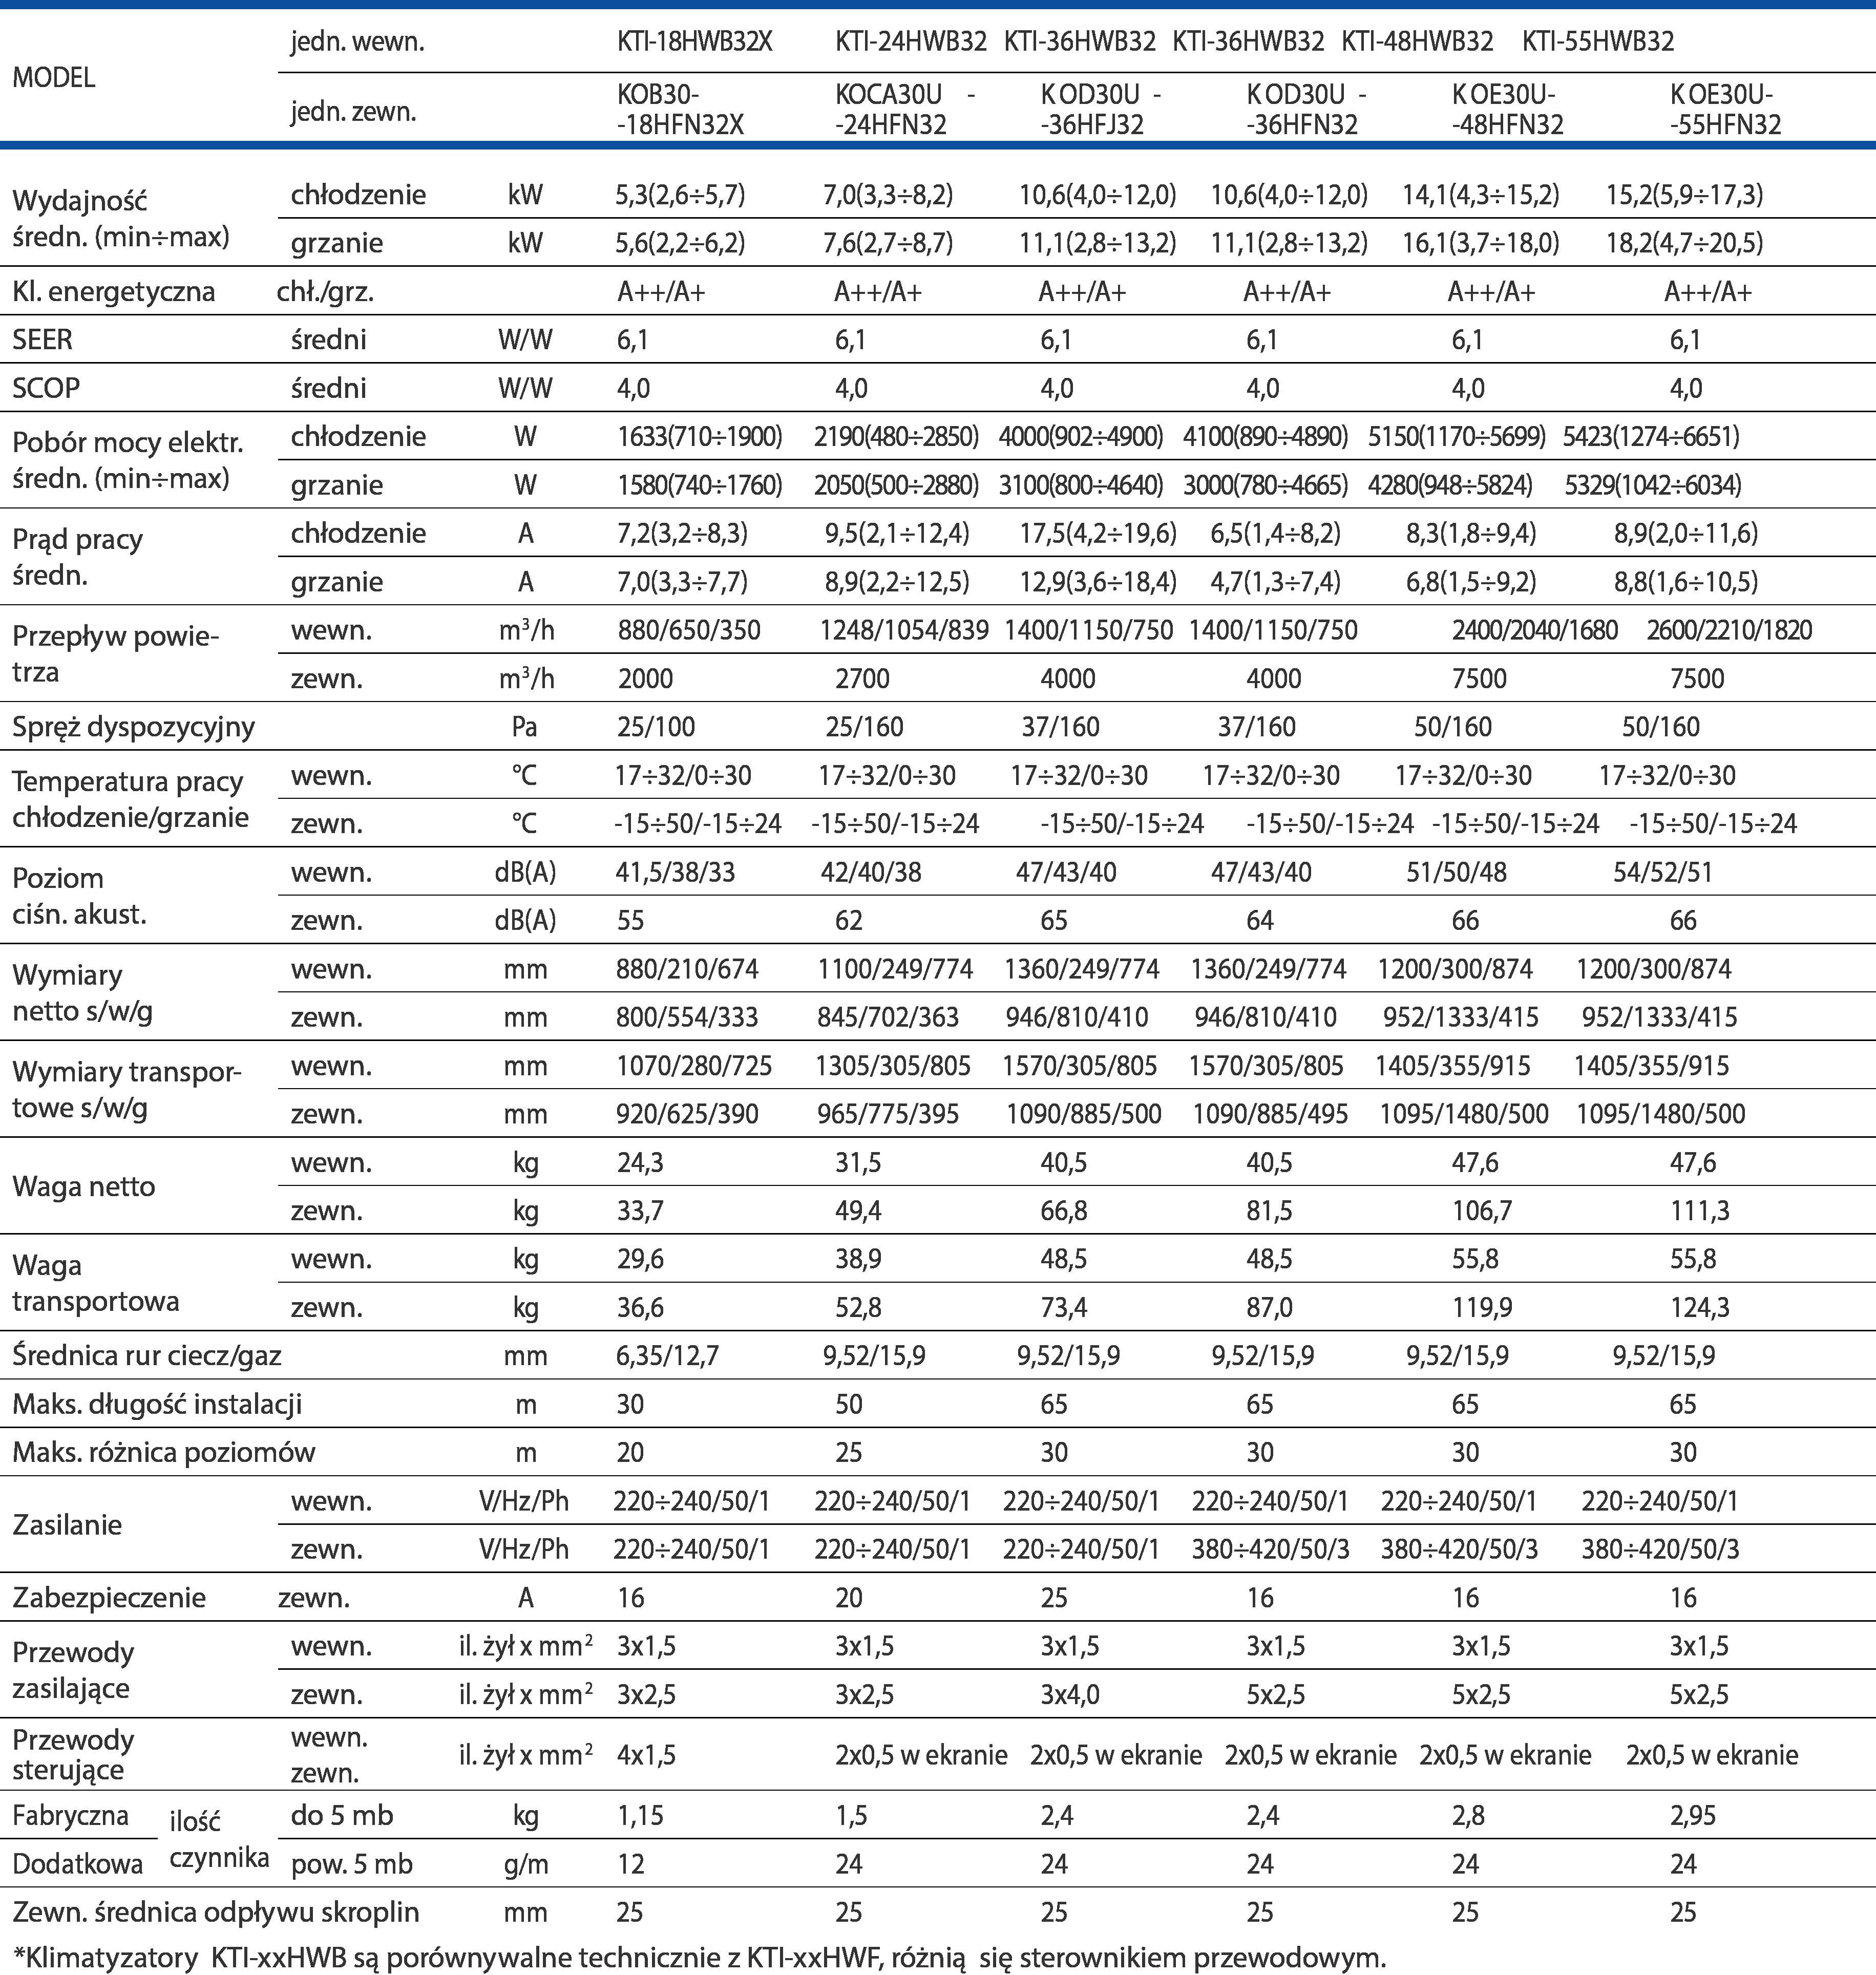 Klimatyzator kanałowy KAISAI - Dane techniczne tabela